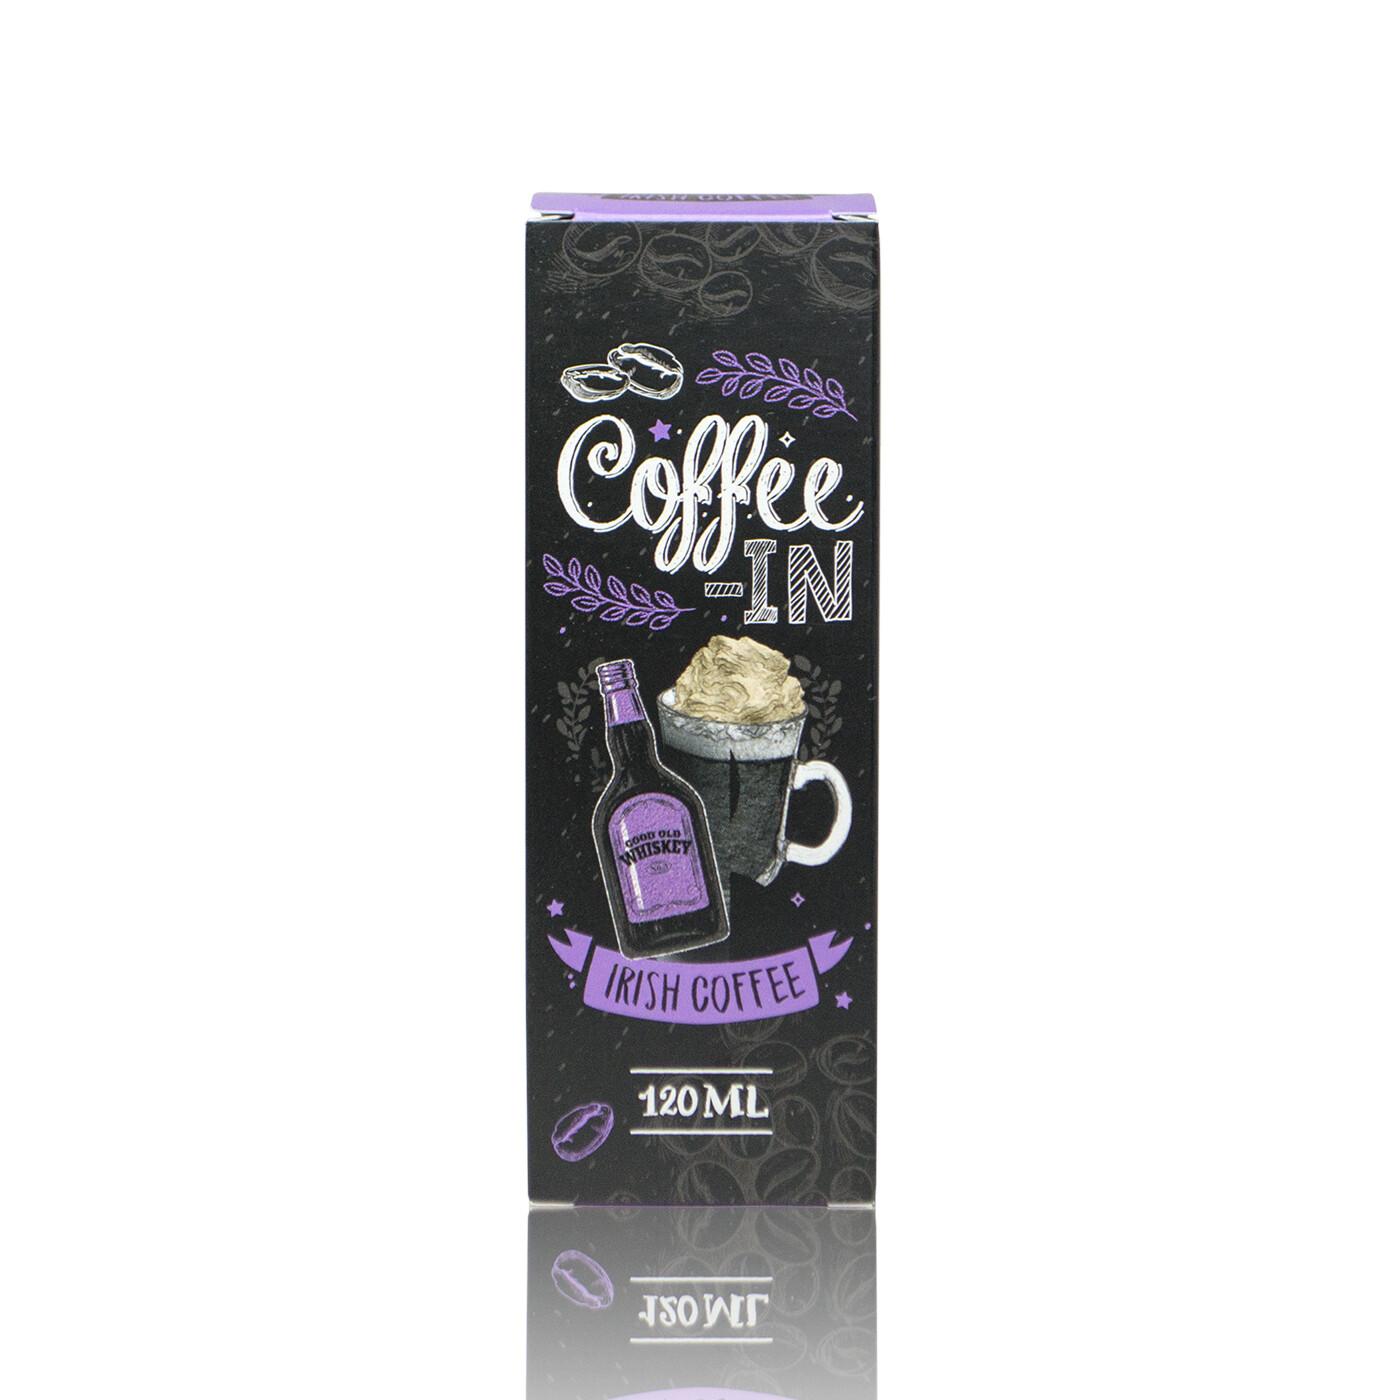 COFFE-IN: IRISH 120ML 3MG